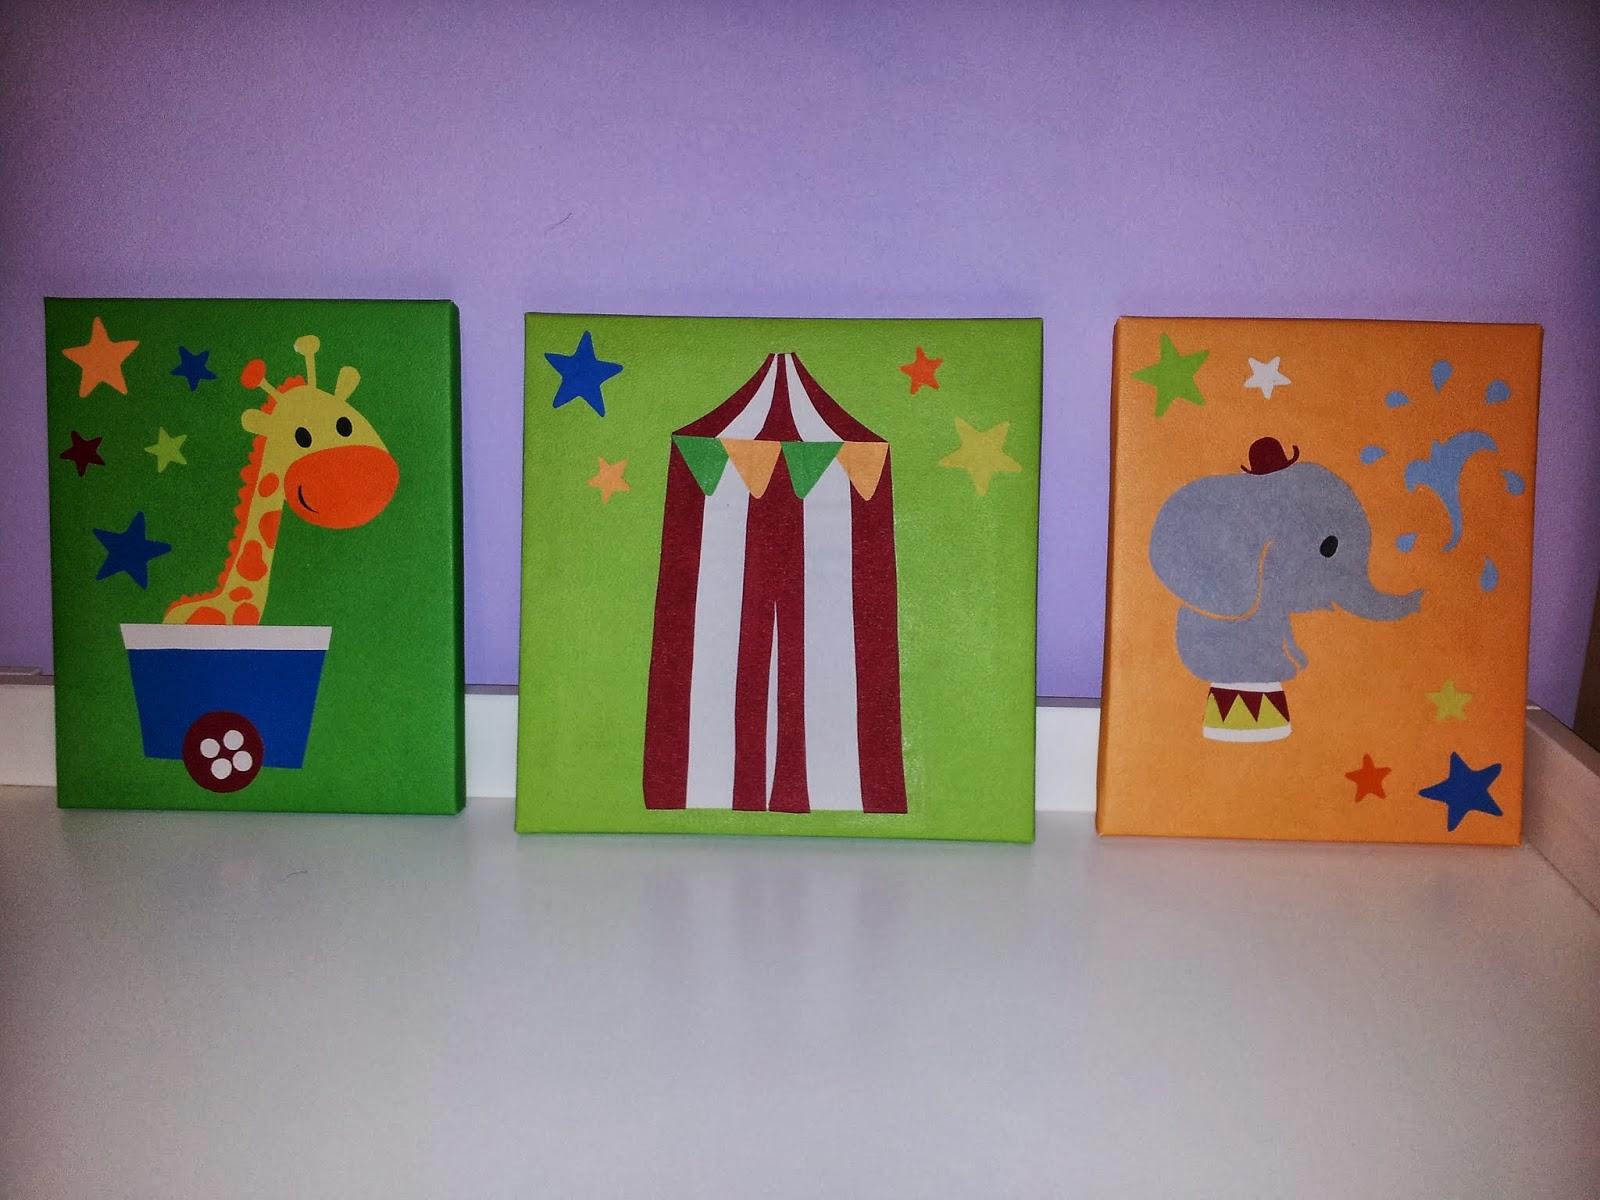 Mam s todoterreno lienzos para el cuarto de un bebe - Cuadros para habitacion bebe ...